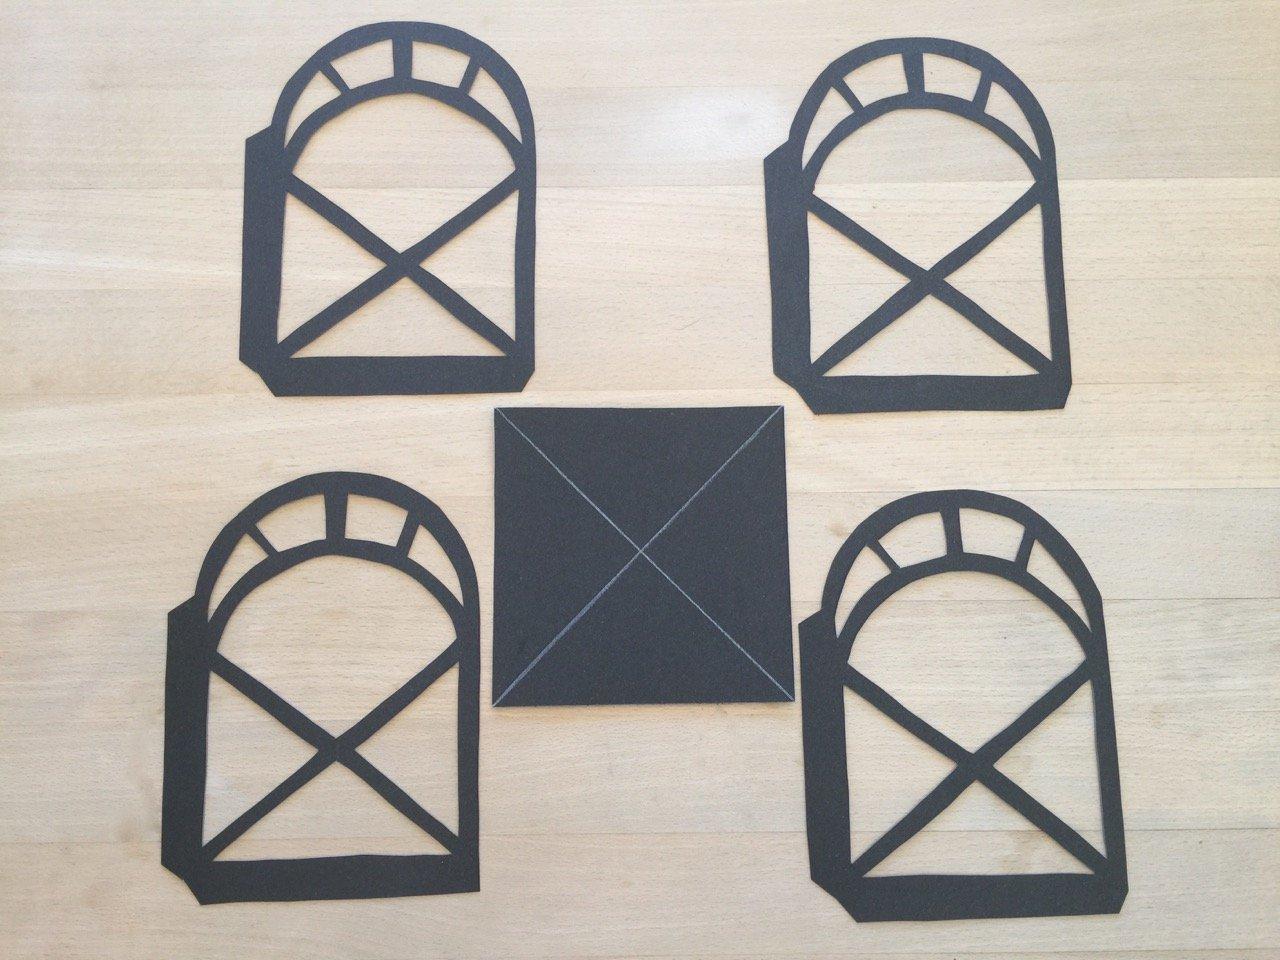 Papier Laterne basteln Schritt 3